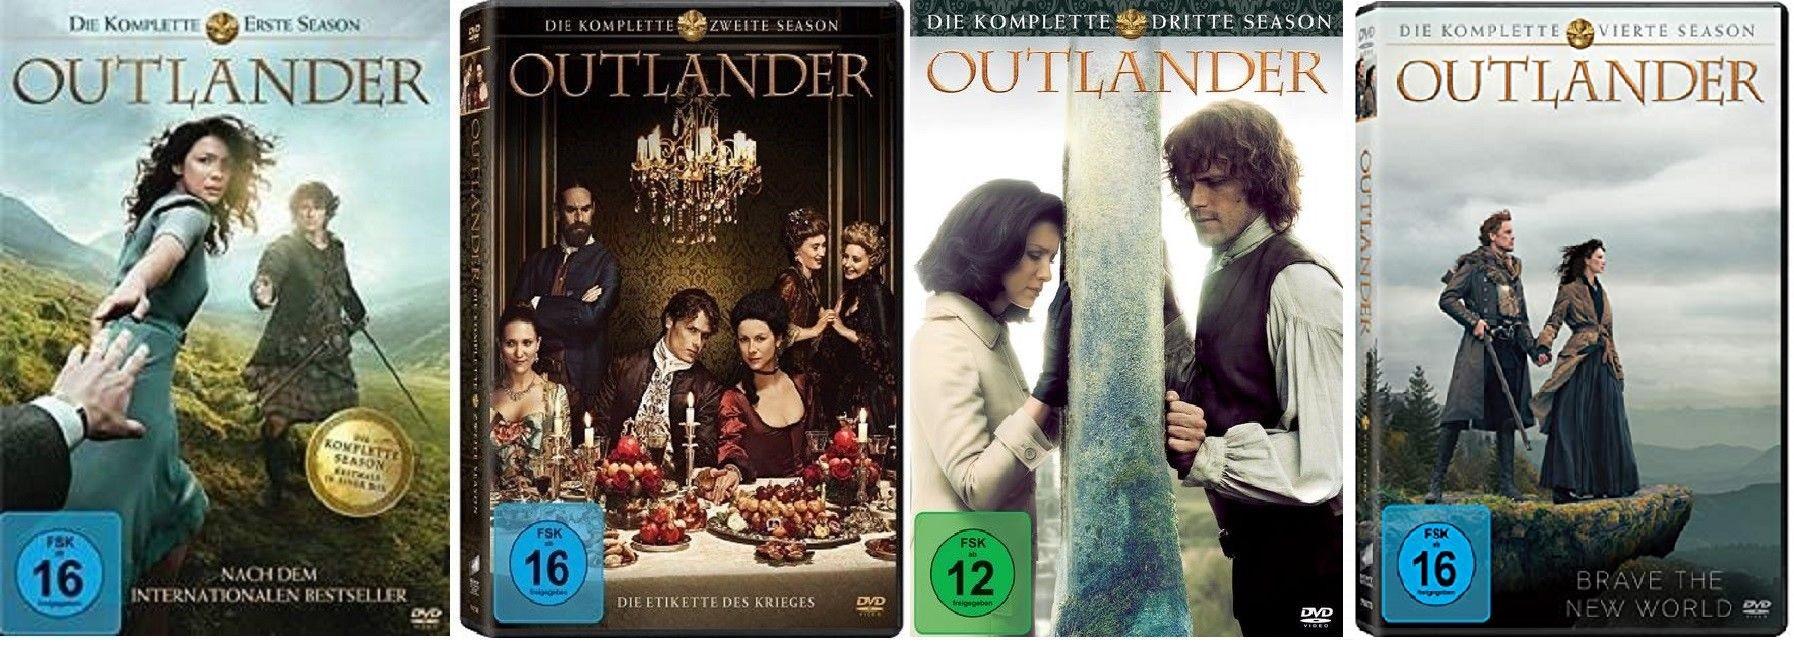 Outlander Staffel 2 Dvd Deutsch